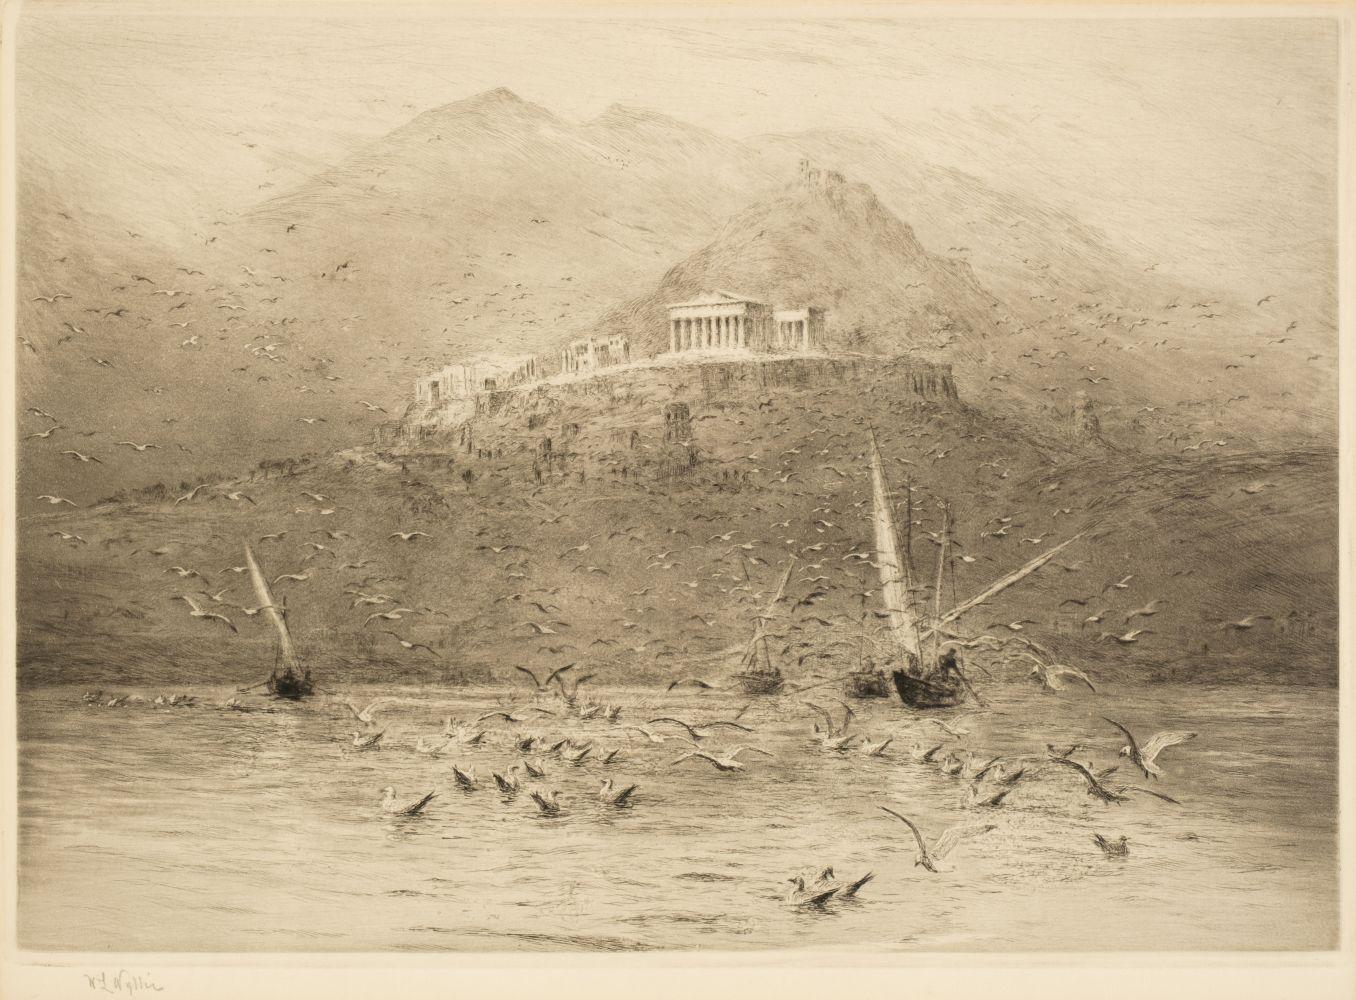 * Wyllie (William Lionel, 1851-1931). The Poseidon Temple, Attica, circa 1920